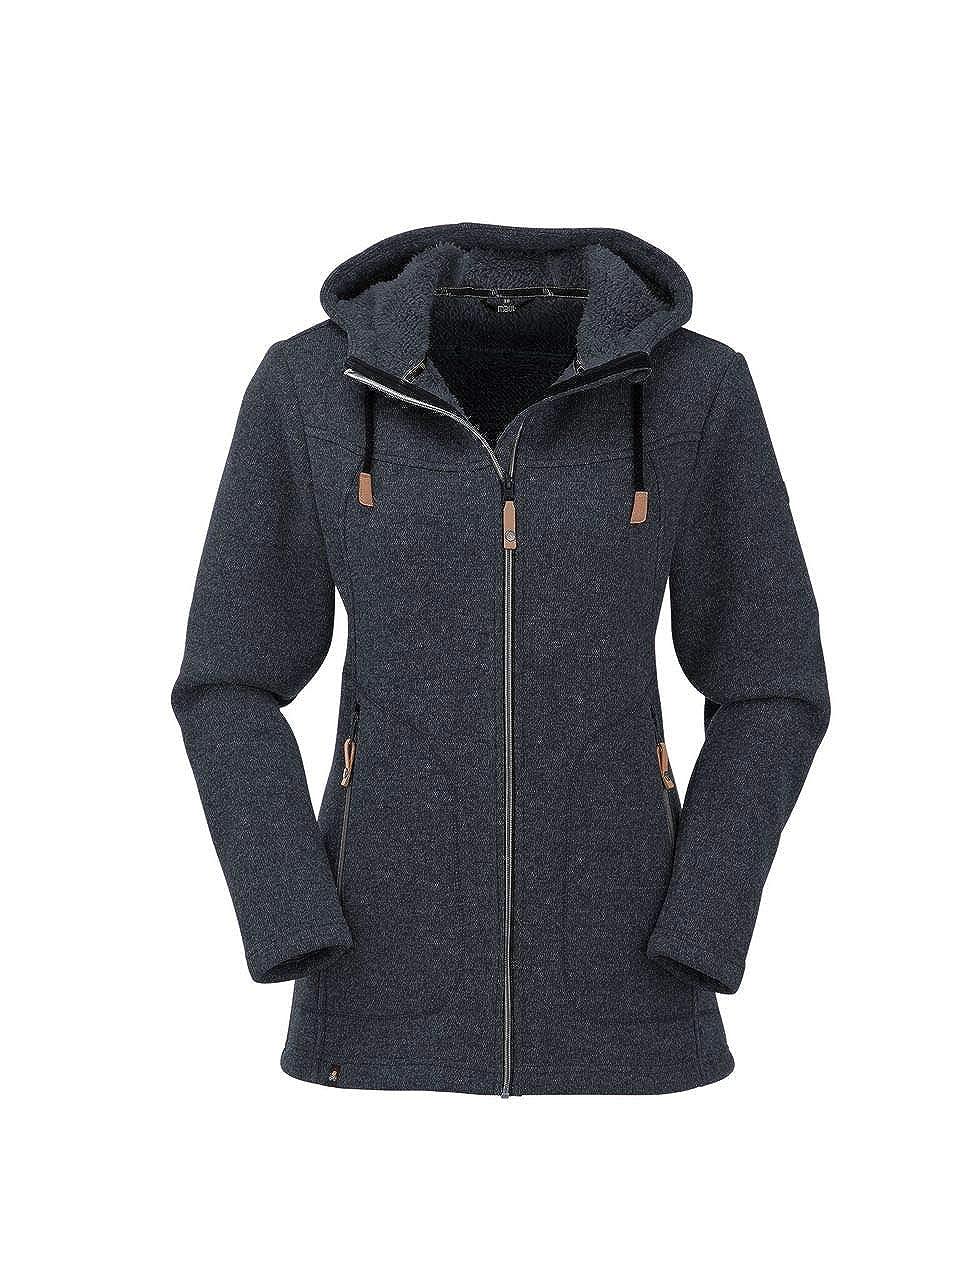 Maul Damen Wilde Kaiserin Lg.strickfleeceja+ka Polar-Strickfleece Lange Jacke Mit Kapuze